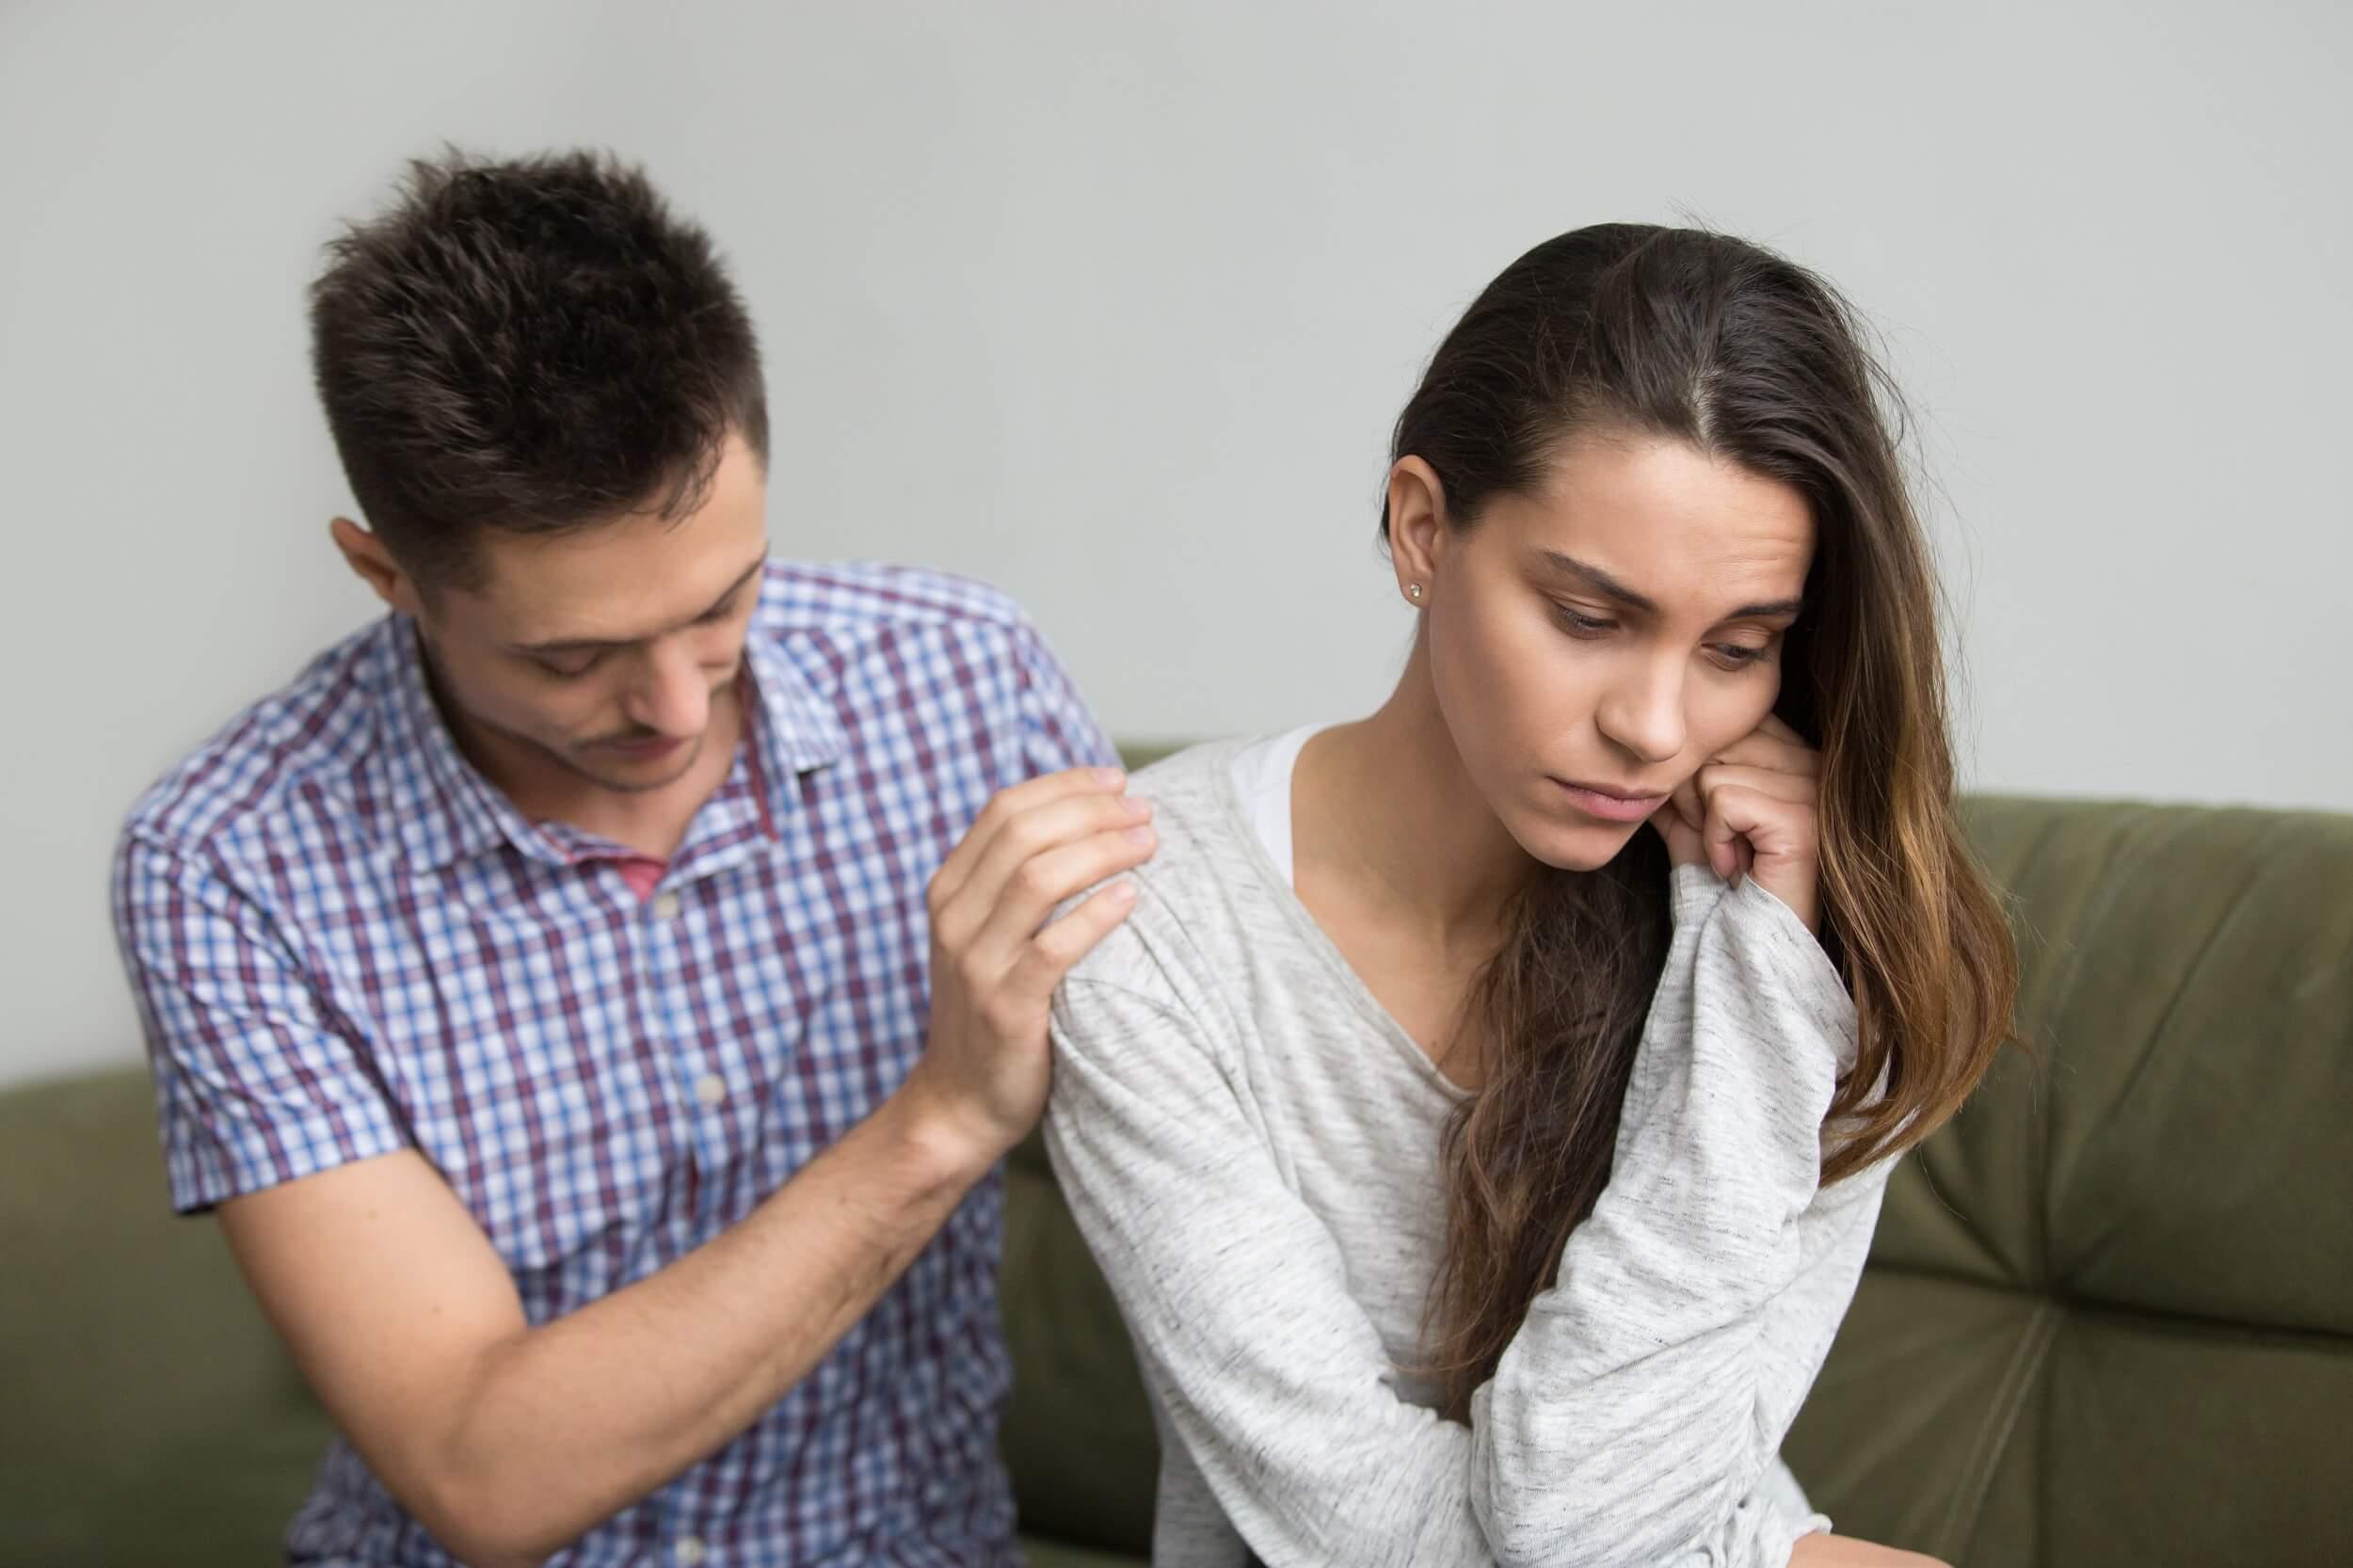 3.Çevrenizdeki insanlara bu konuda yoğun bir anksiyete/kaygı bozukluğu yaşadığınızı söyleyin